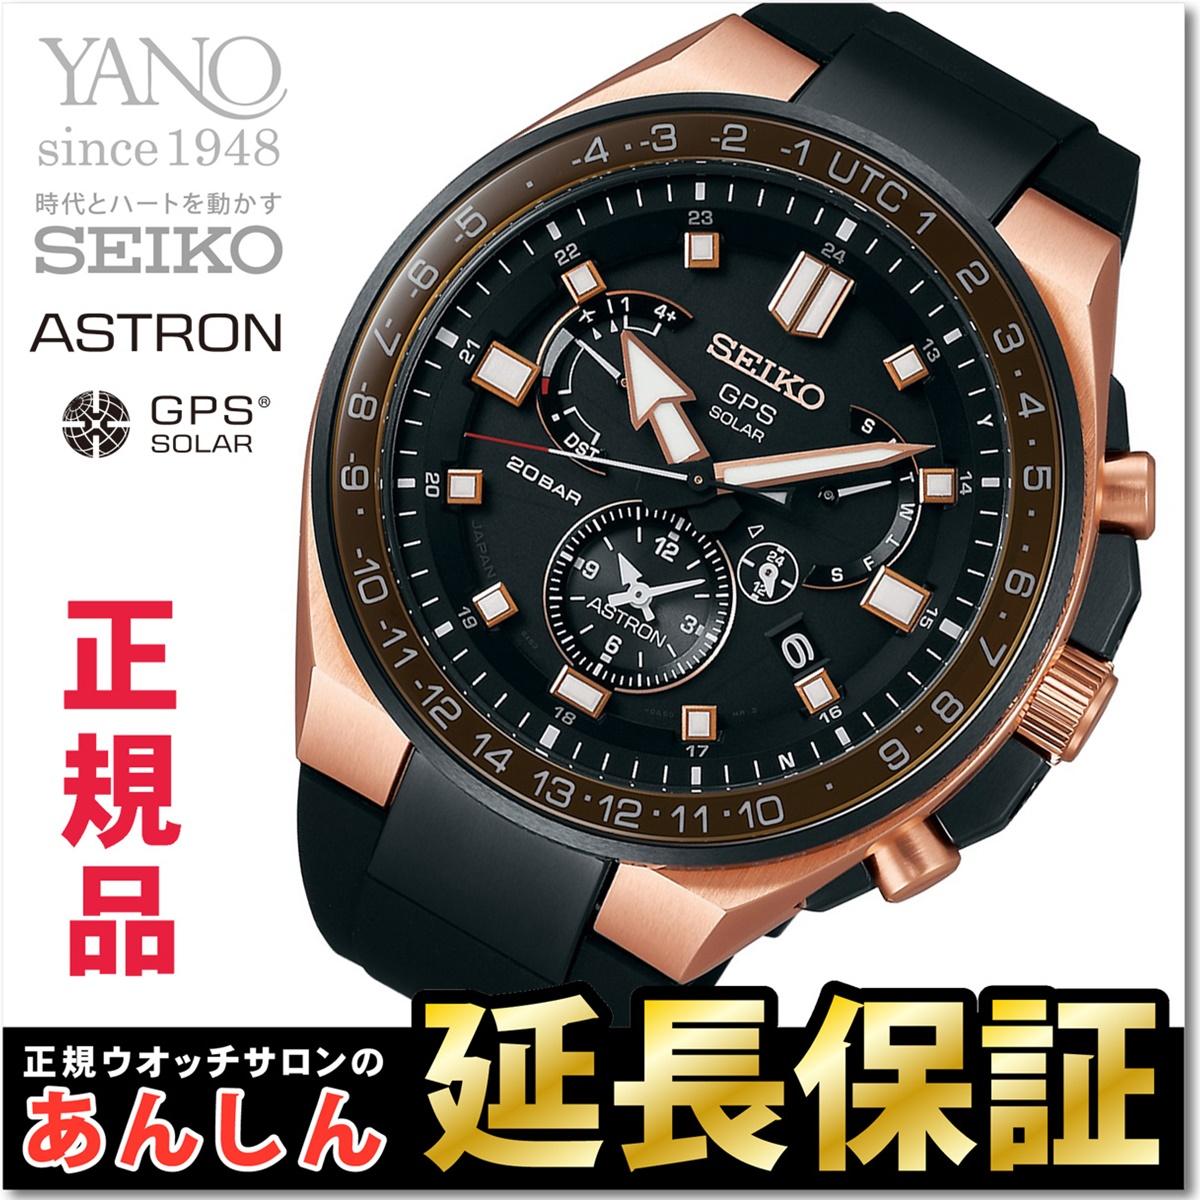 【当店だけのSEIKOノベルティ付き!】SEIKO ASTRON セイコー アストロン SBXB170 エグゼクティブスポーツライン GPSソーラーウォッチ メンズ 腕時計 【0618】_10spl